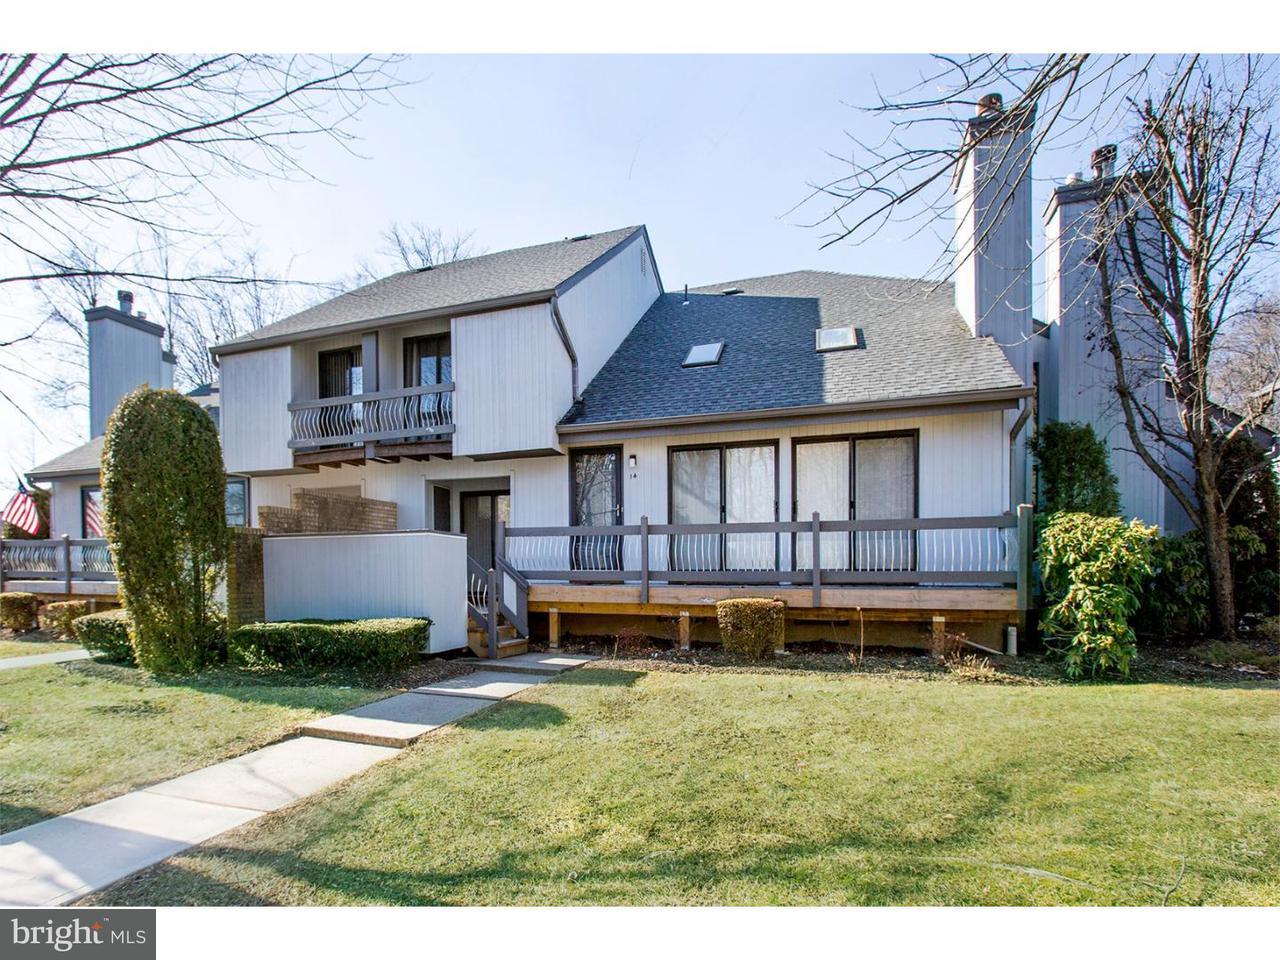 Σπίτι στην πόλη για την Πώληση στο 14 WHITE OAK Court Monmouth Junction, Νιου Τζερσεϋ 08852 Ηνωμενεσ ΠολιτειεσΣτην/Γύρω: South Brunswick Township